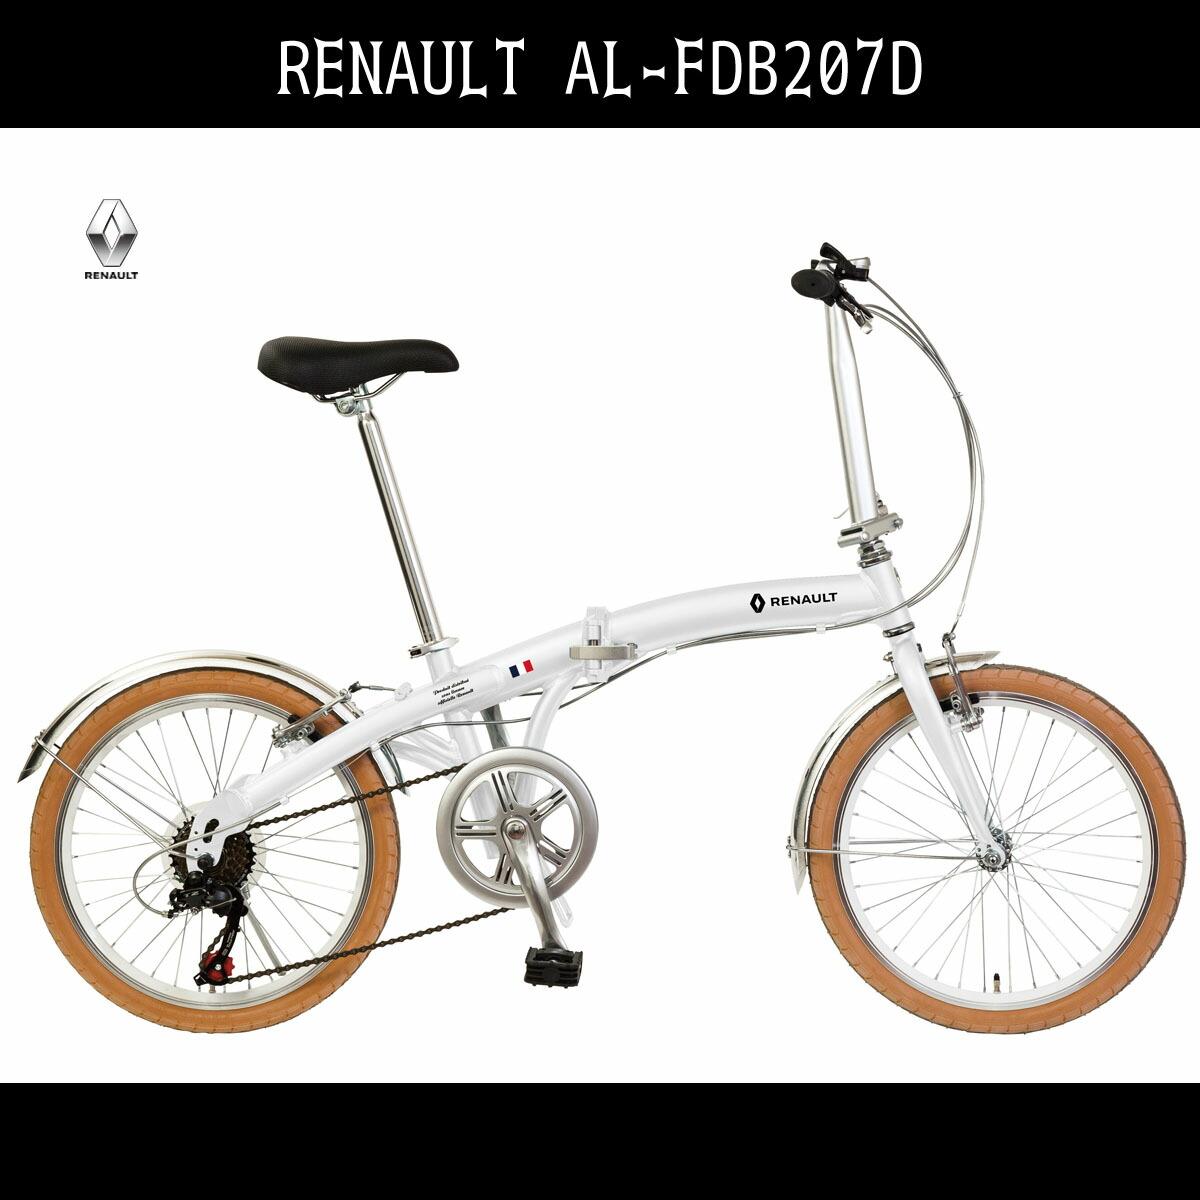 折りたたみ自転車 ルノー RENAULT 自転車 ホワイト/白20インチ 自転車 軽量 外装7段変速ギア付き ルノー 自転車 AL-FDB207D ギア付きで使いやすい折りたたみ自転車 アルミニウム